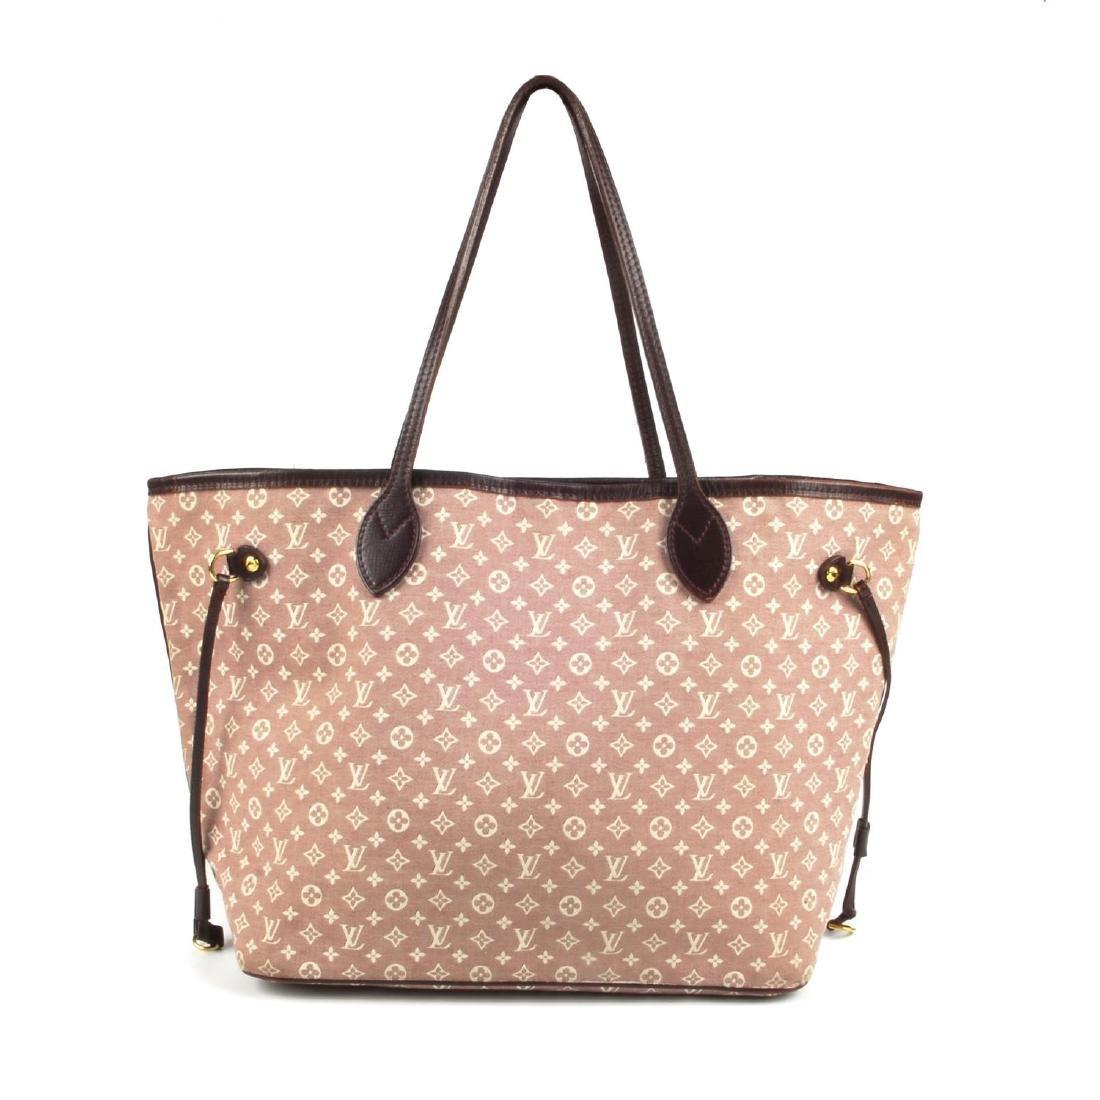 LOUIS VUITTON - a burgundy Idylle Neverfull MM handbag.